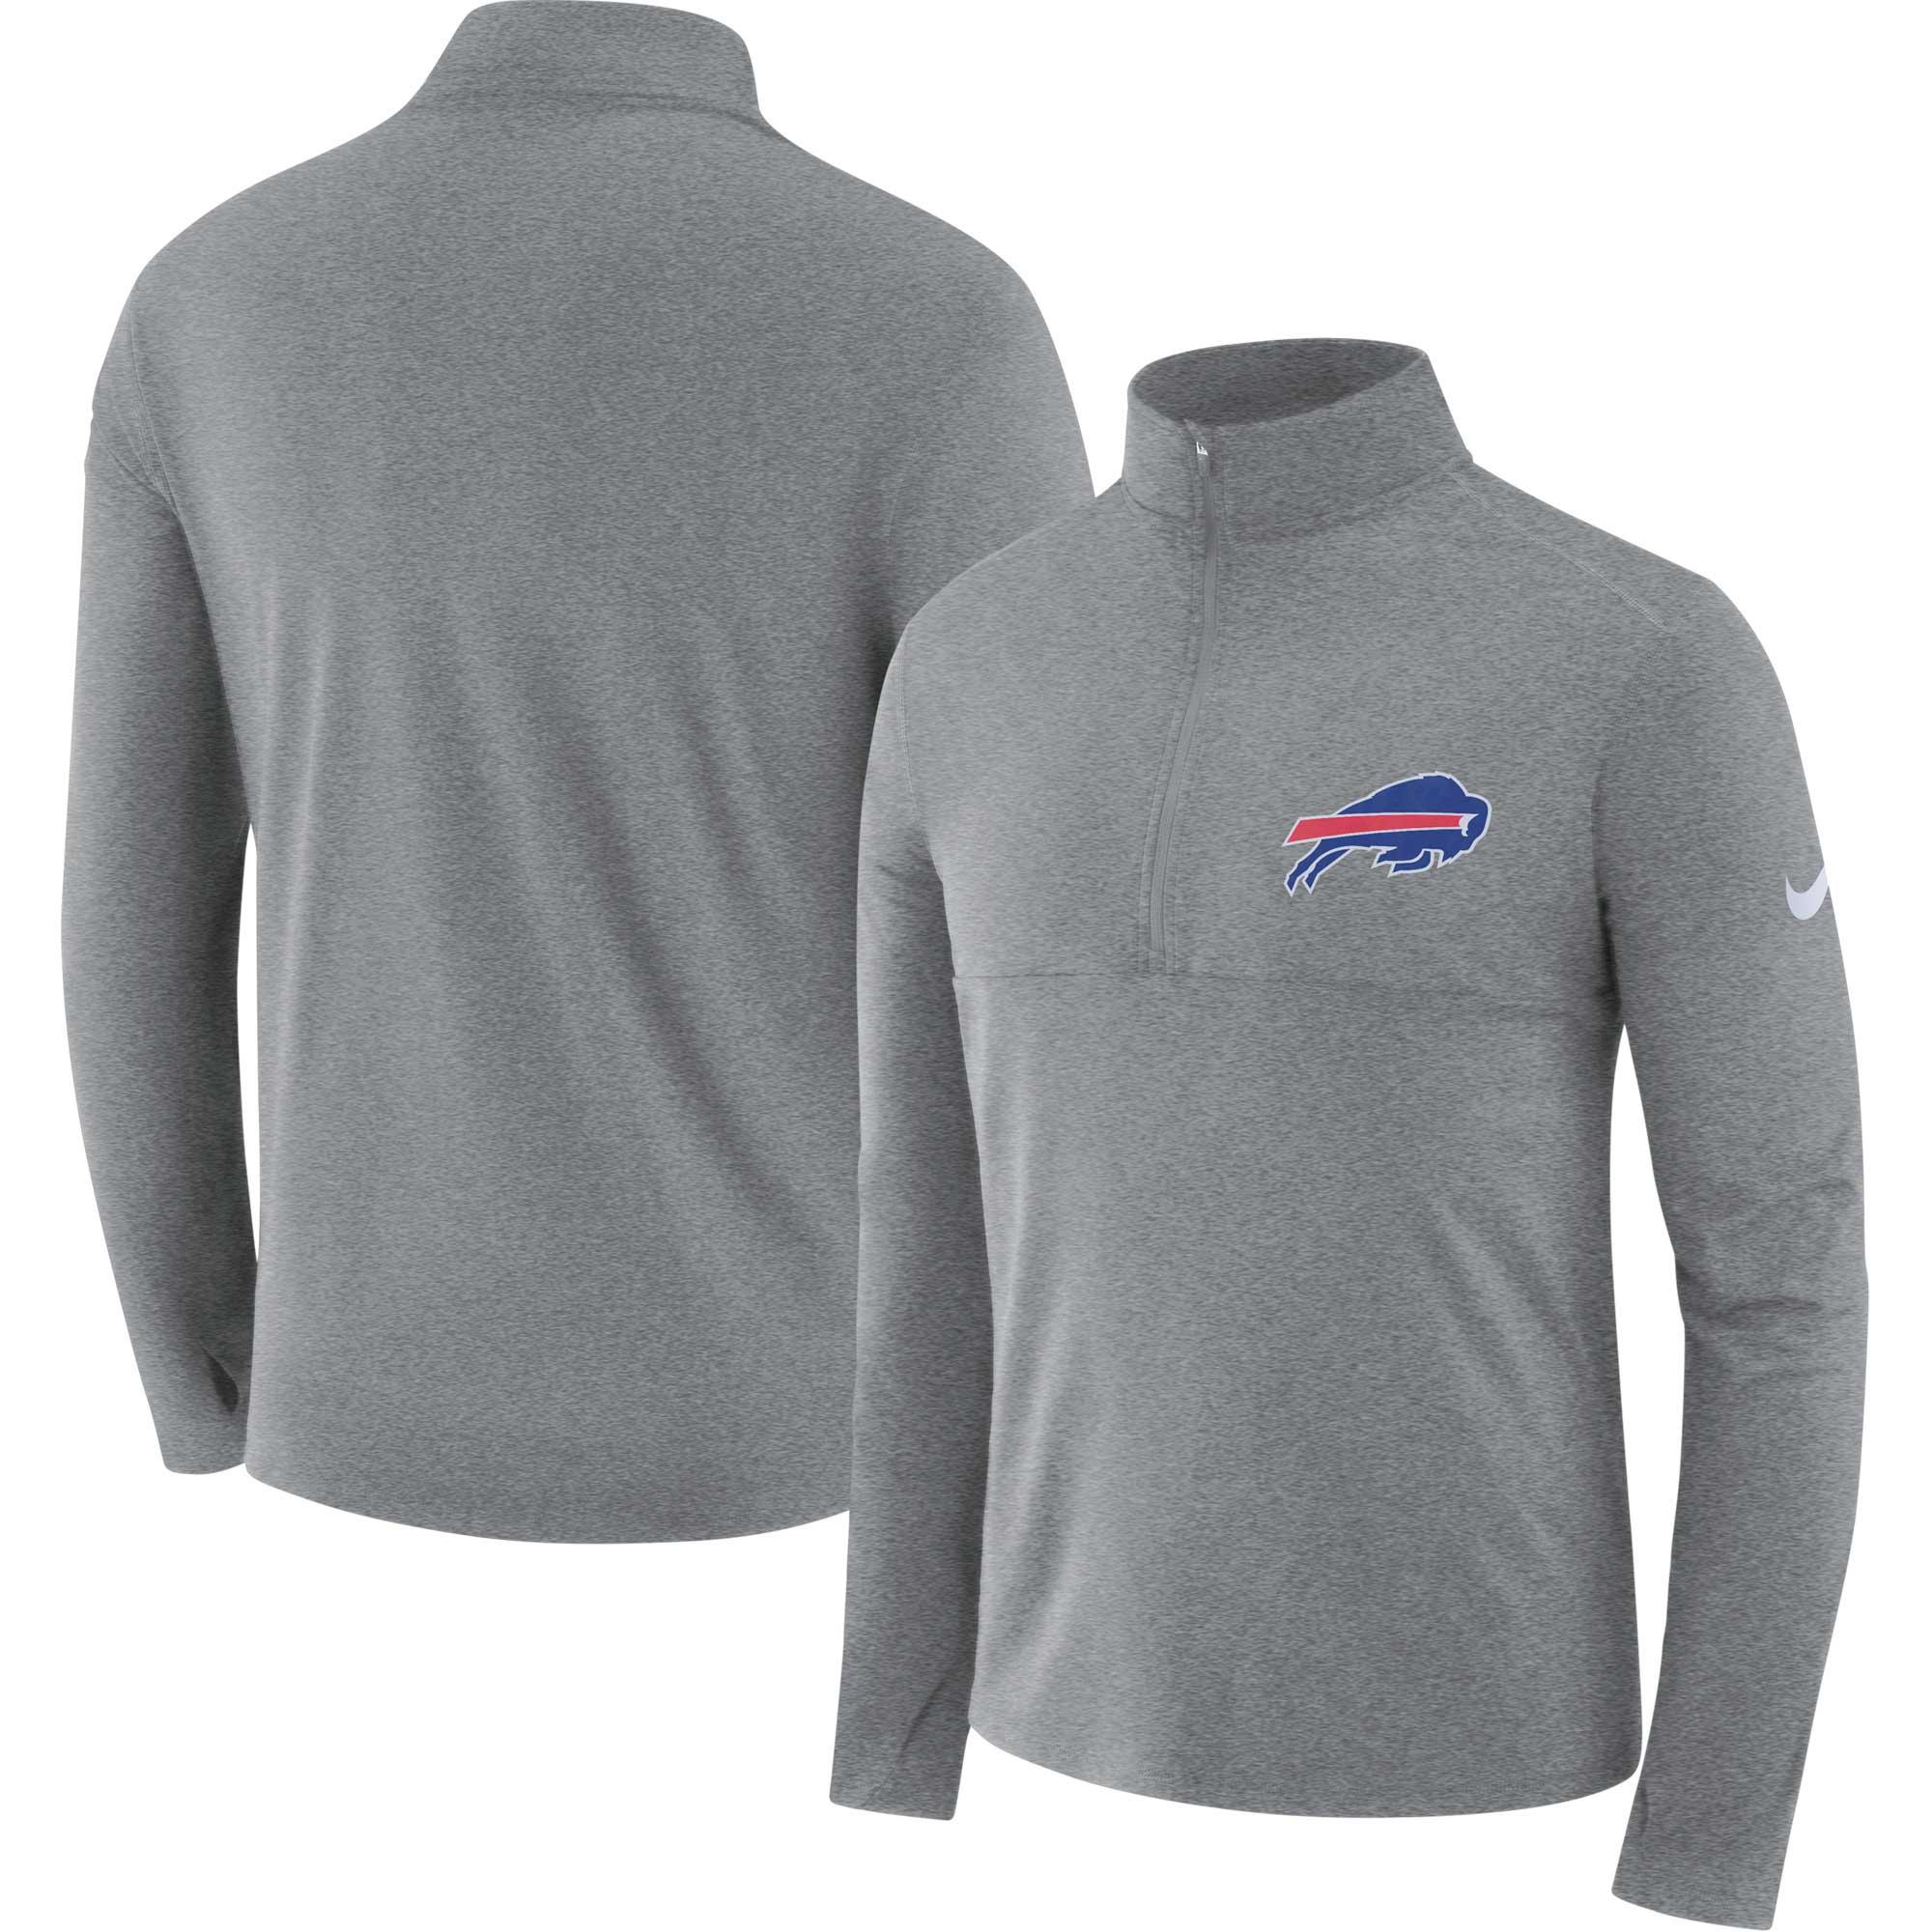 Buffalo Bills Nike Fan Gear Element Half-Zip Performance Jacket - Heather Gray